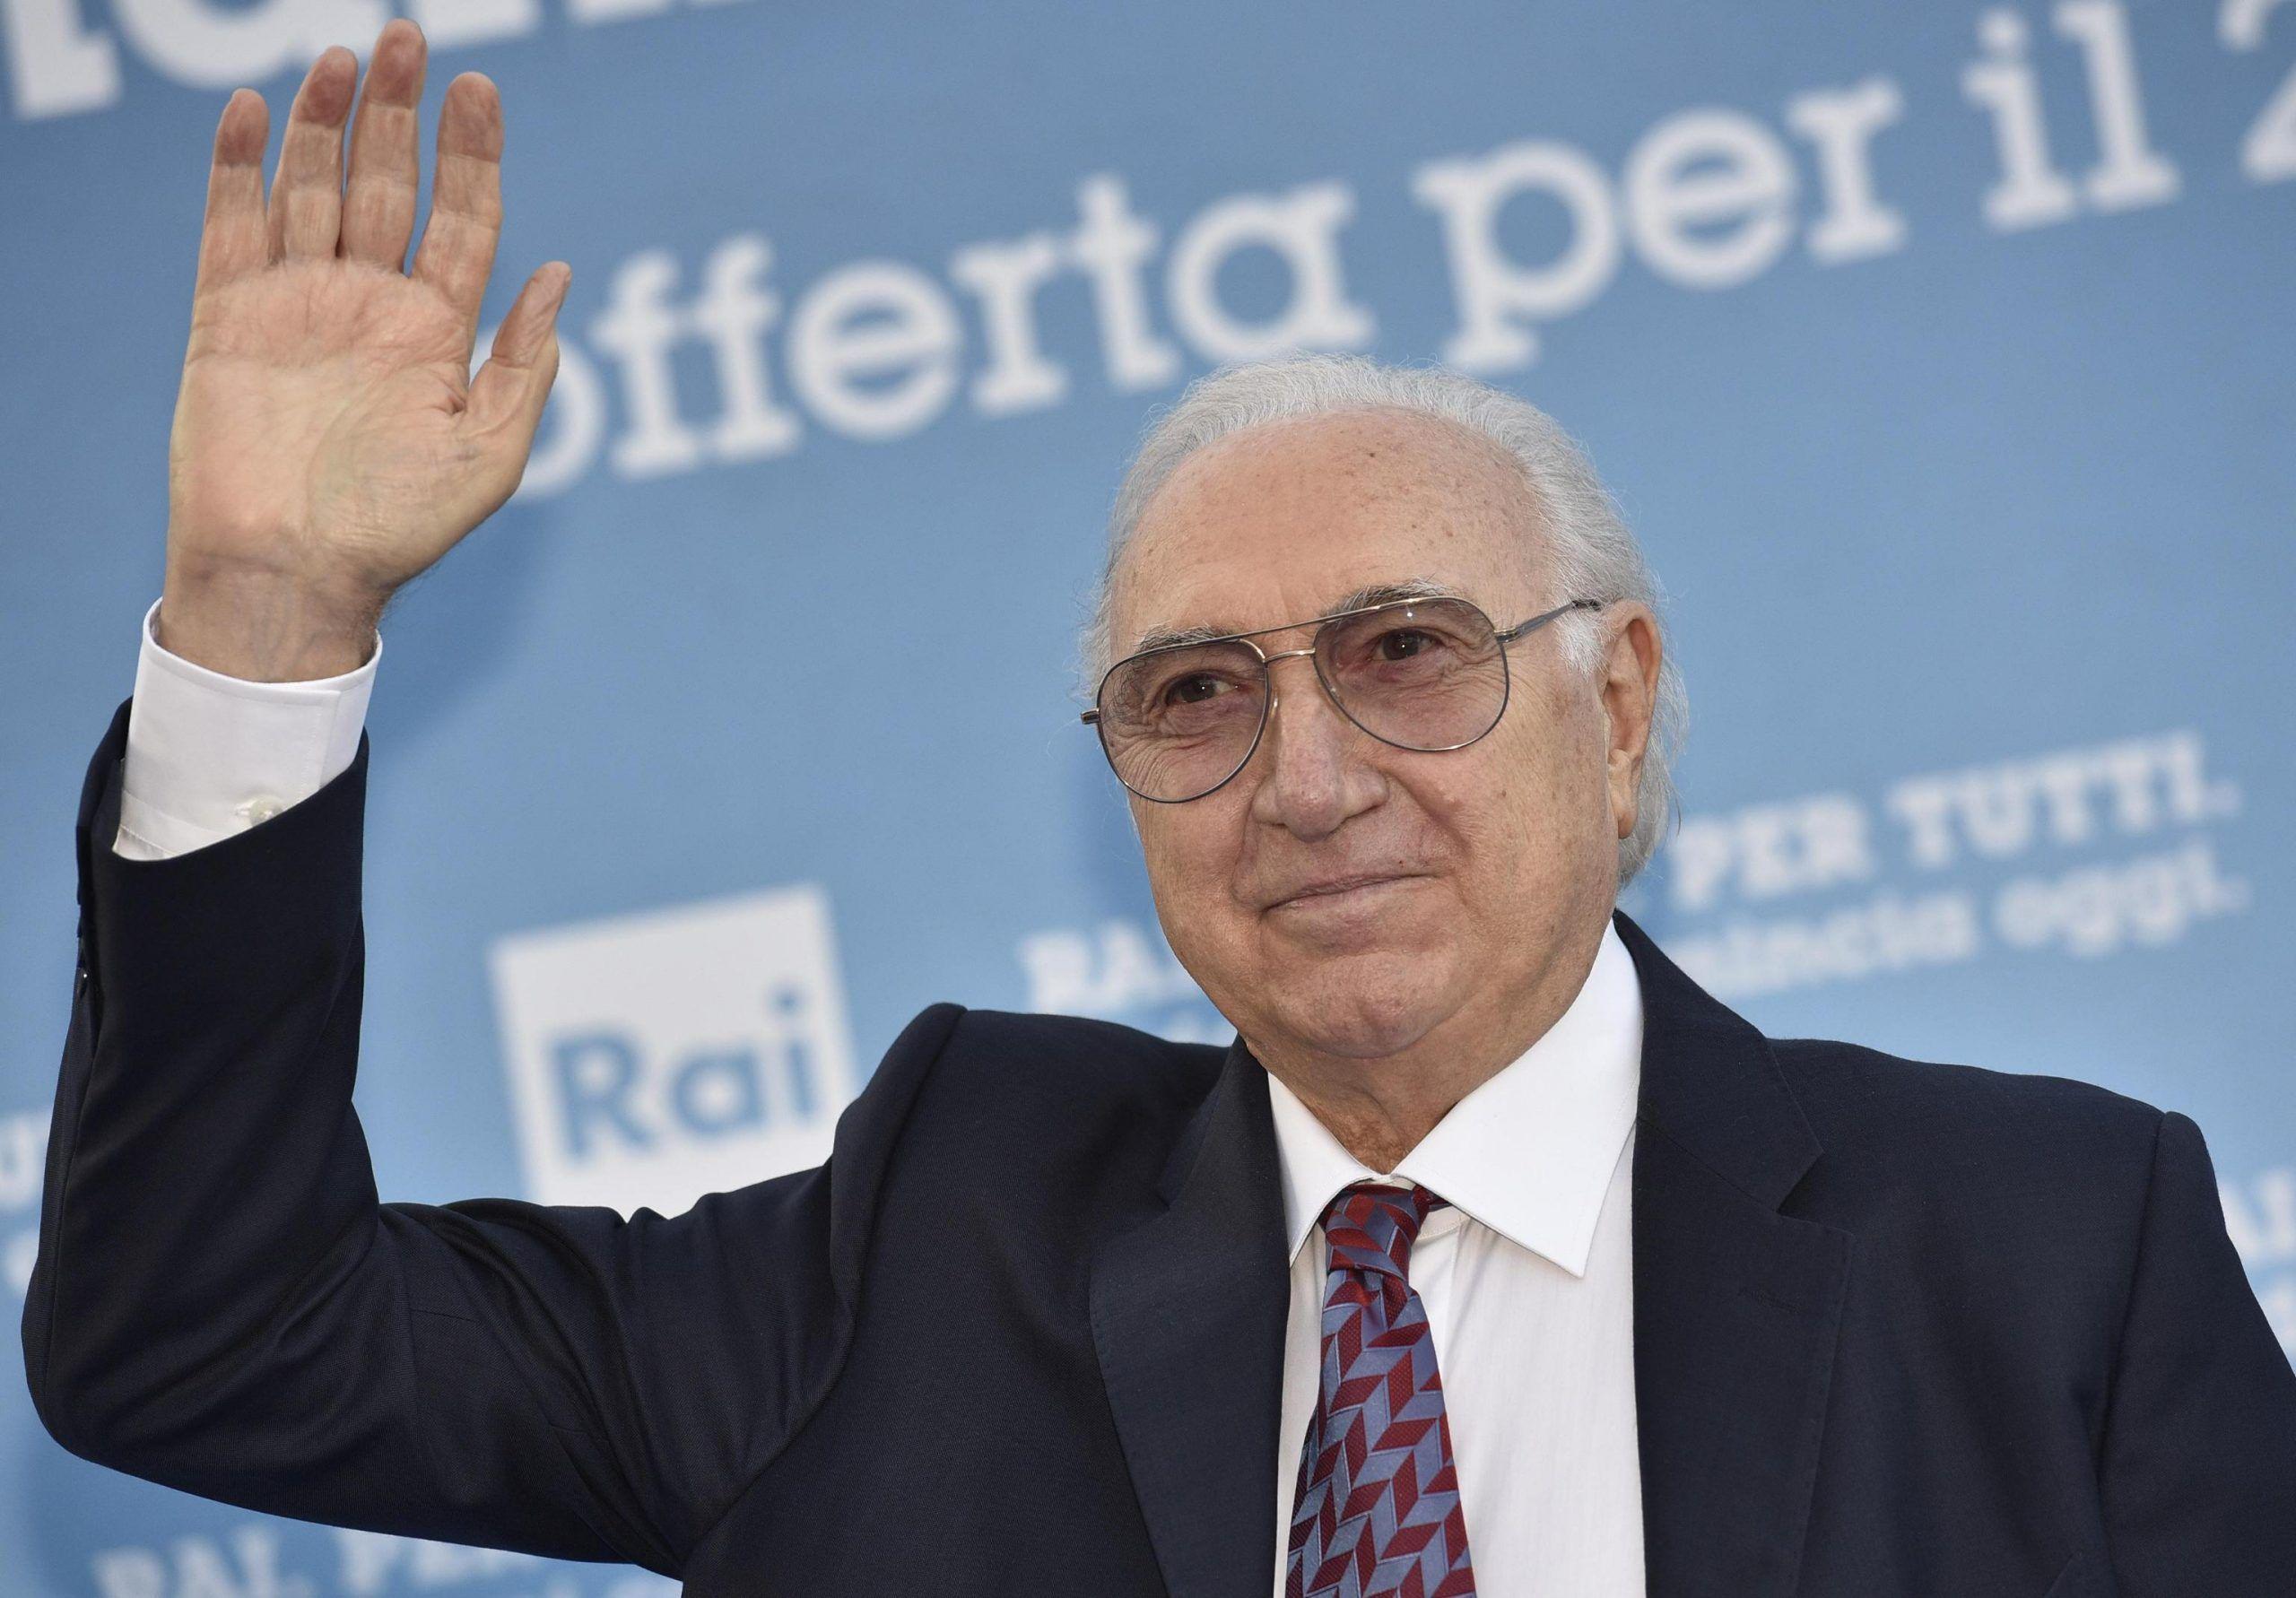 Pippo Baudo Claudio Baglioni Sanremo